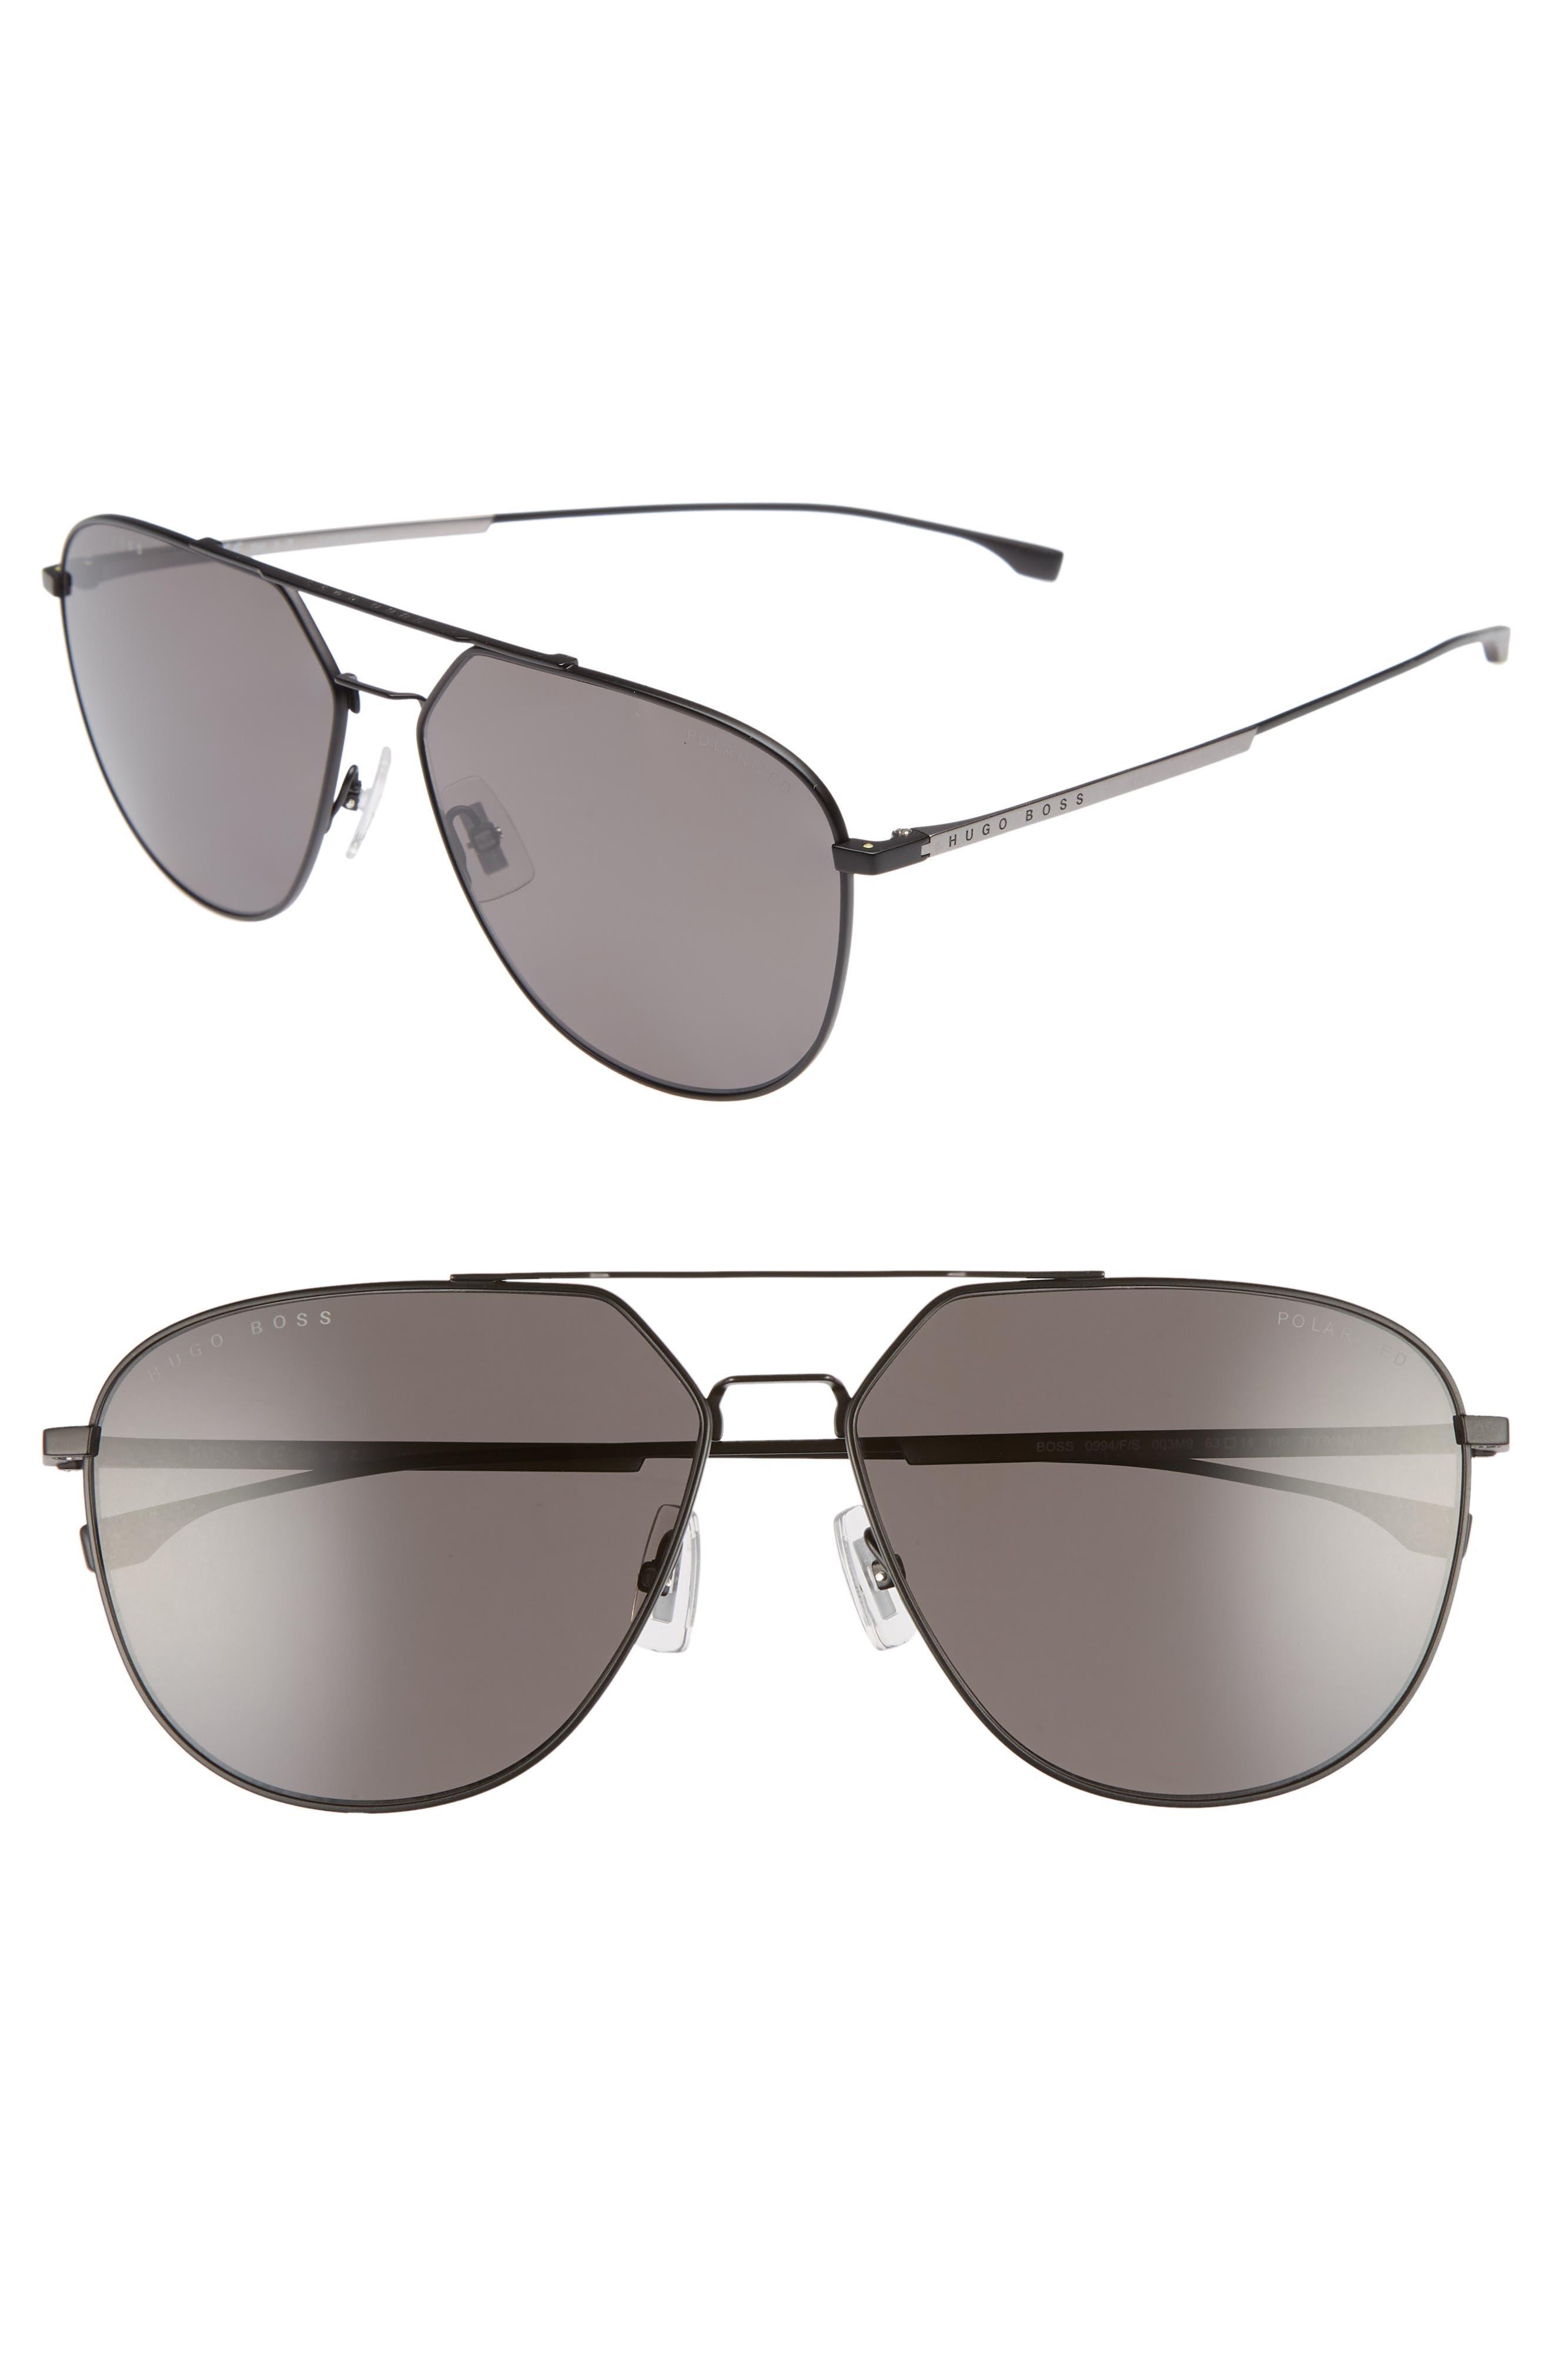 63mm Polarized Aviator Sunglasses,                             Main thumbnail 1, color,                             Matte Black